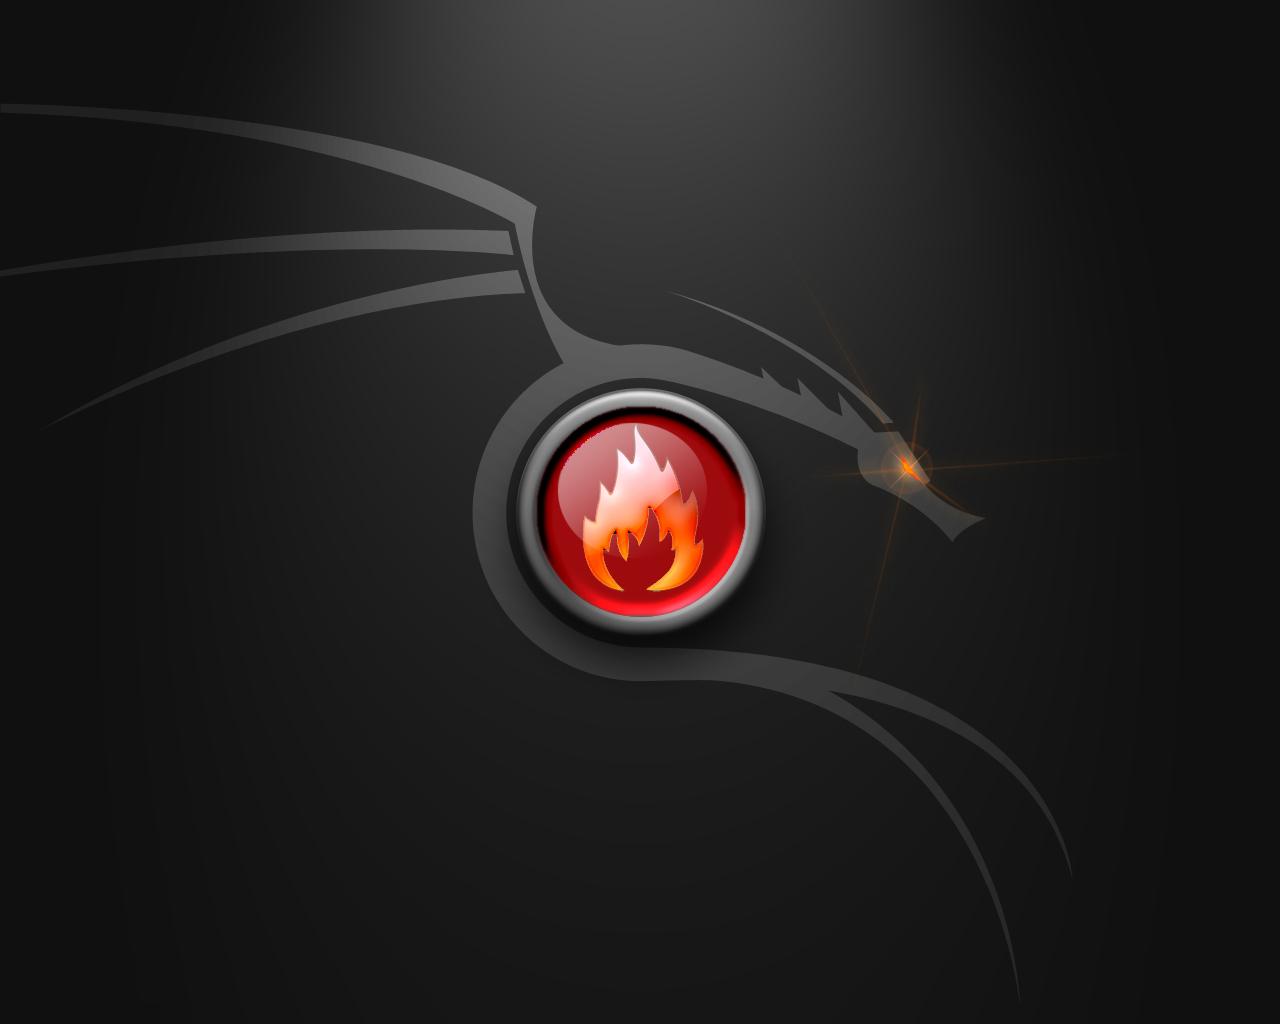 http://2.bp.blogspot.com/-xnlquNMYxSA/ThmKYsds0wI/AAAAAAAAHvU/O94uHK6KrS4/s1600/dragon%2Bwallpaper%2Bfire-1.jpg